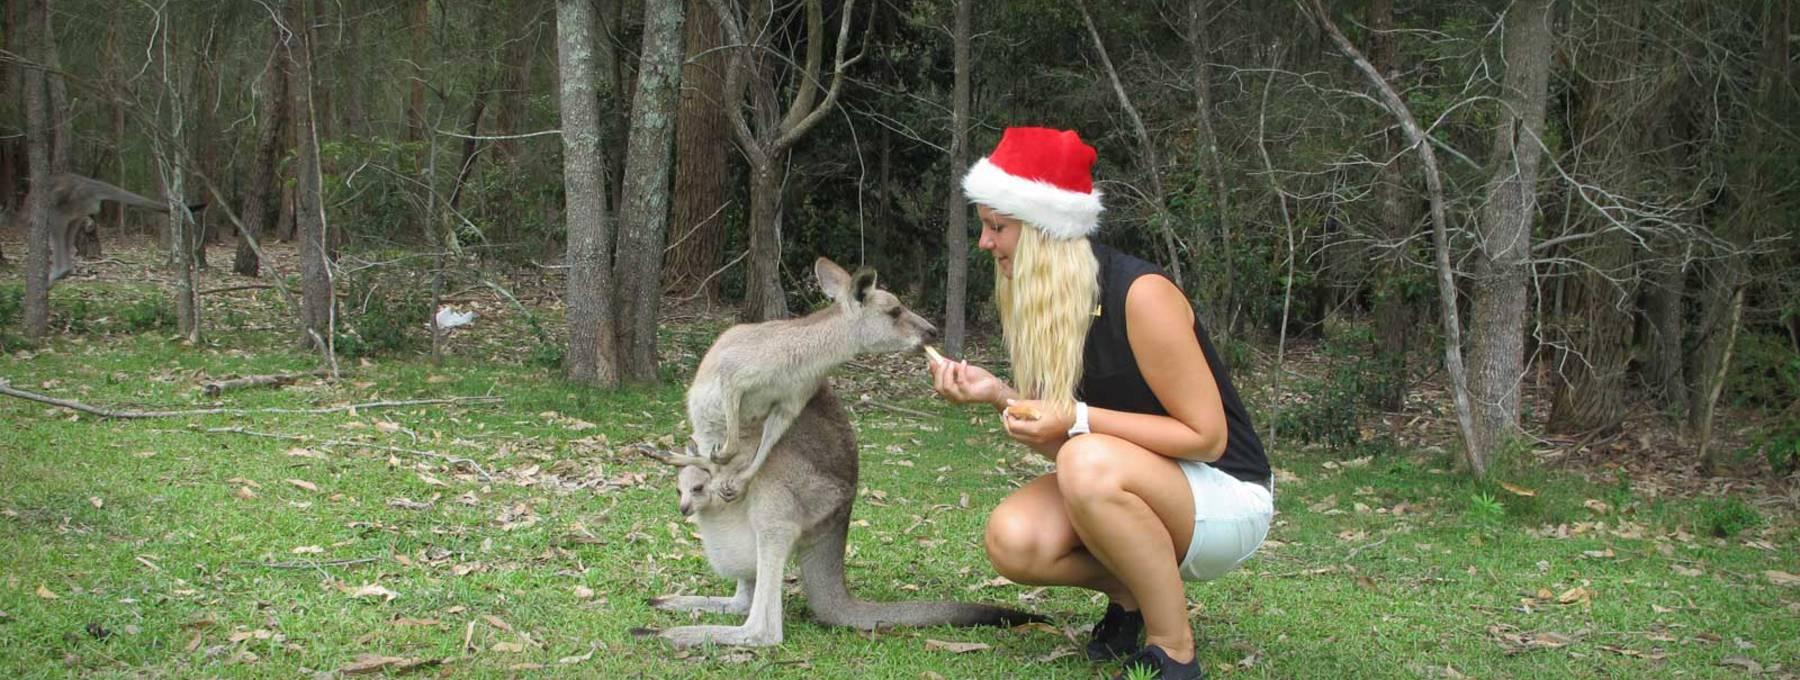 weihnachten in australien travel tipps australien stepin. Black Bedroom Furniture Sets. Home Design Ideas